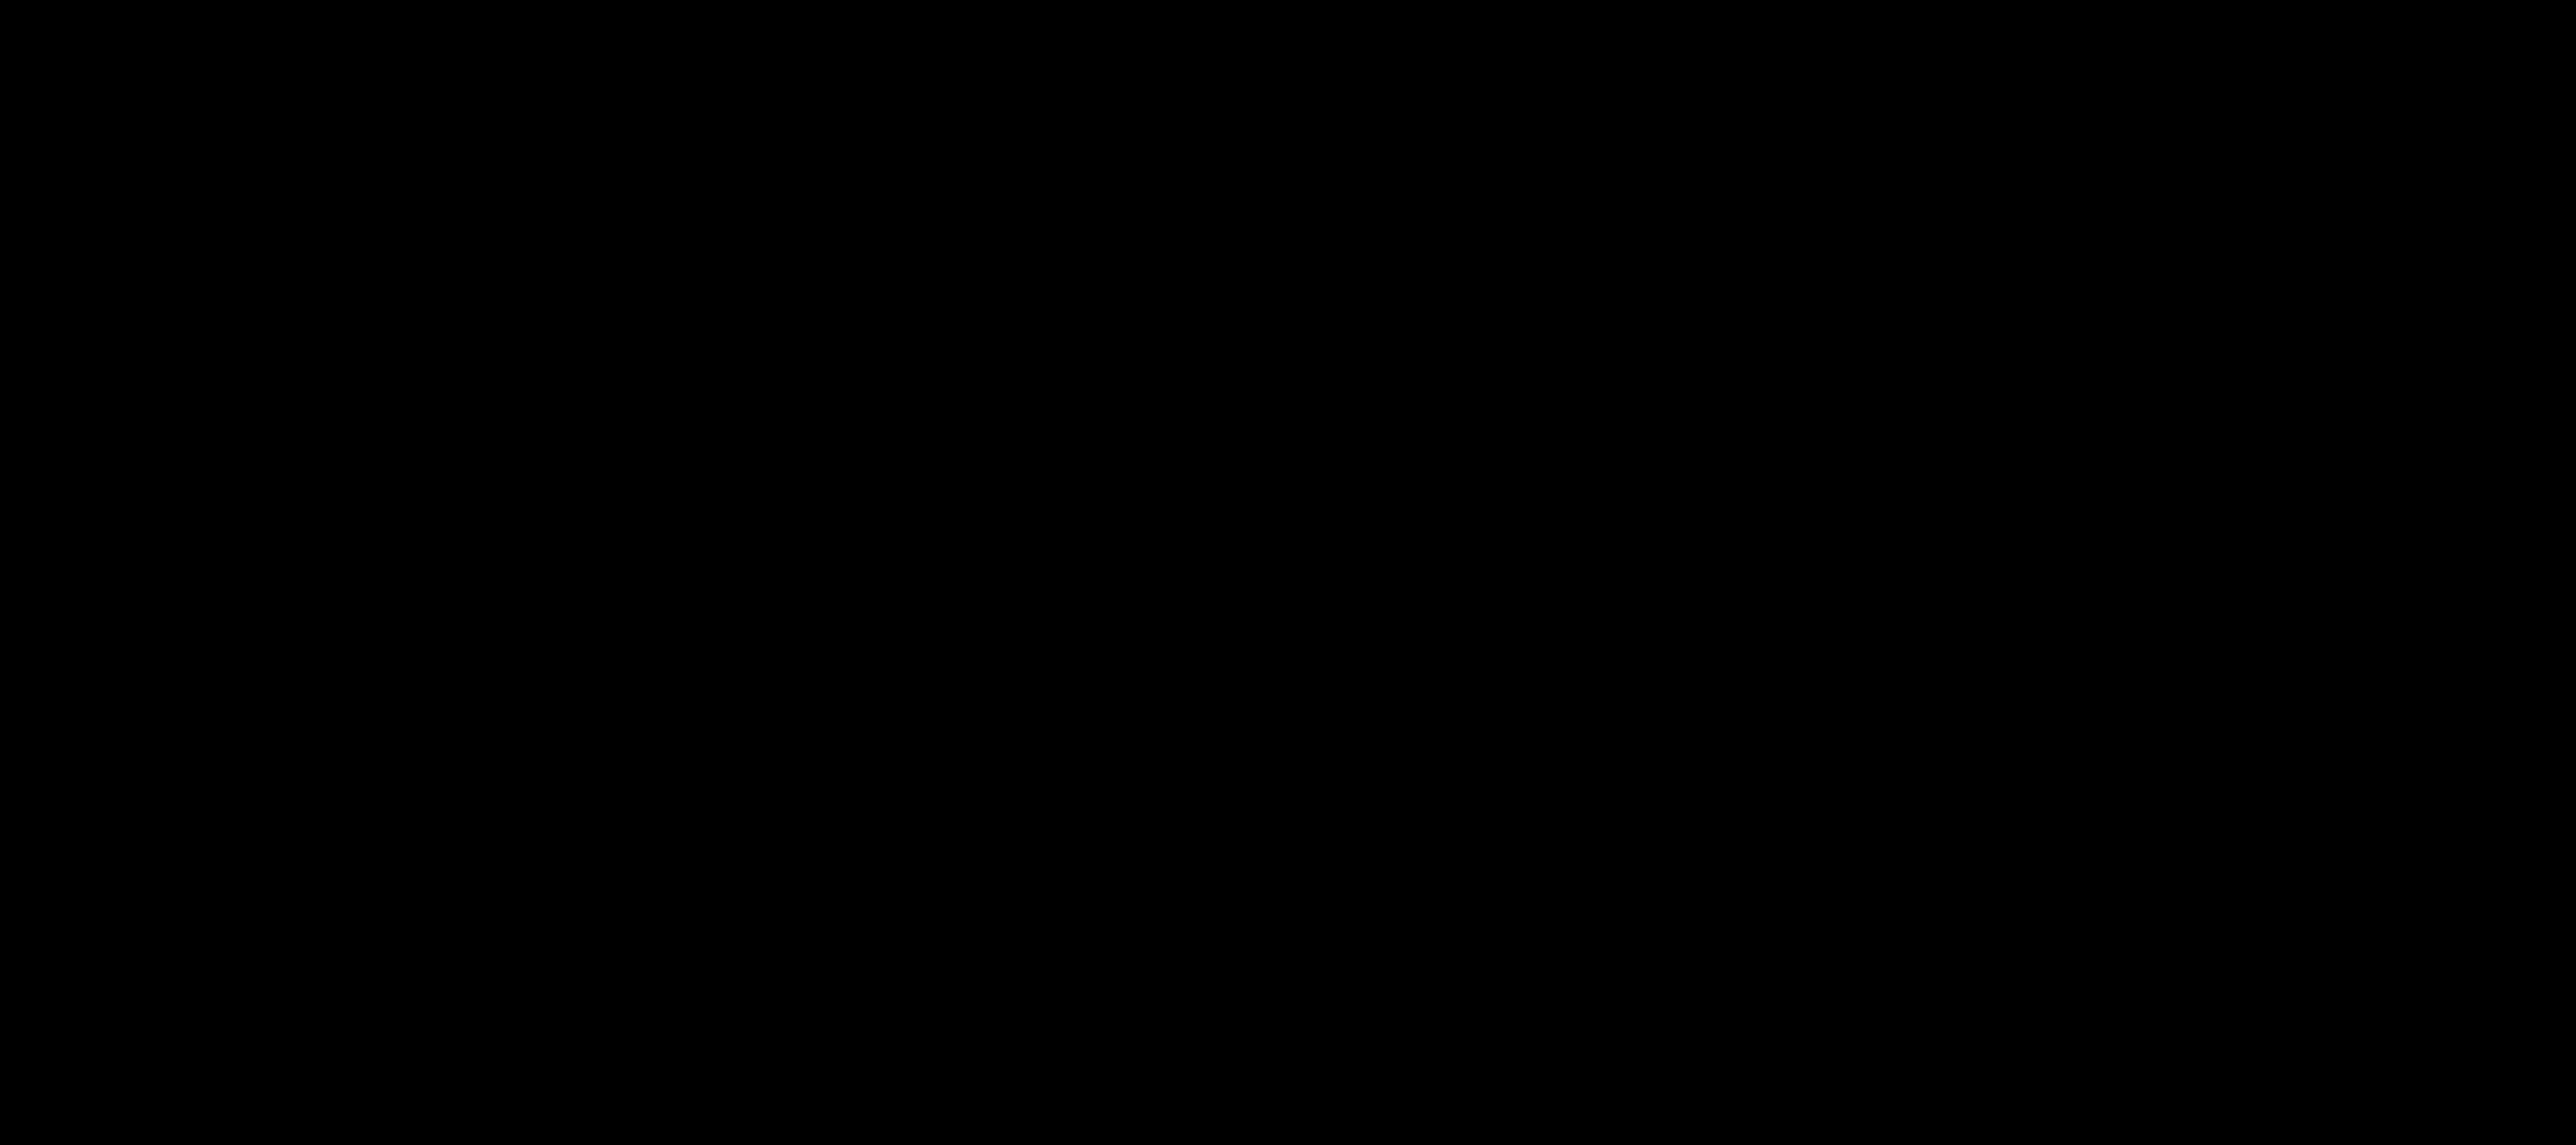 s2s_logo_final_v2